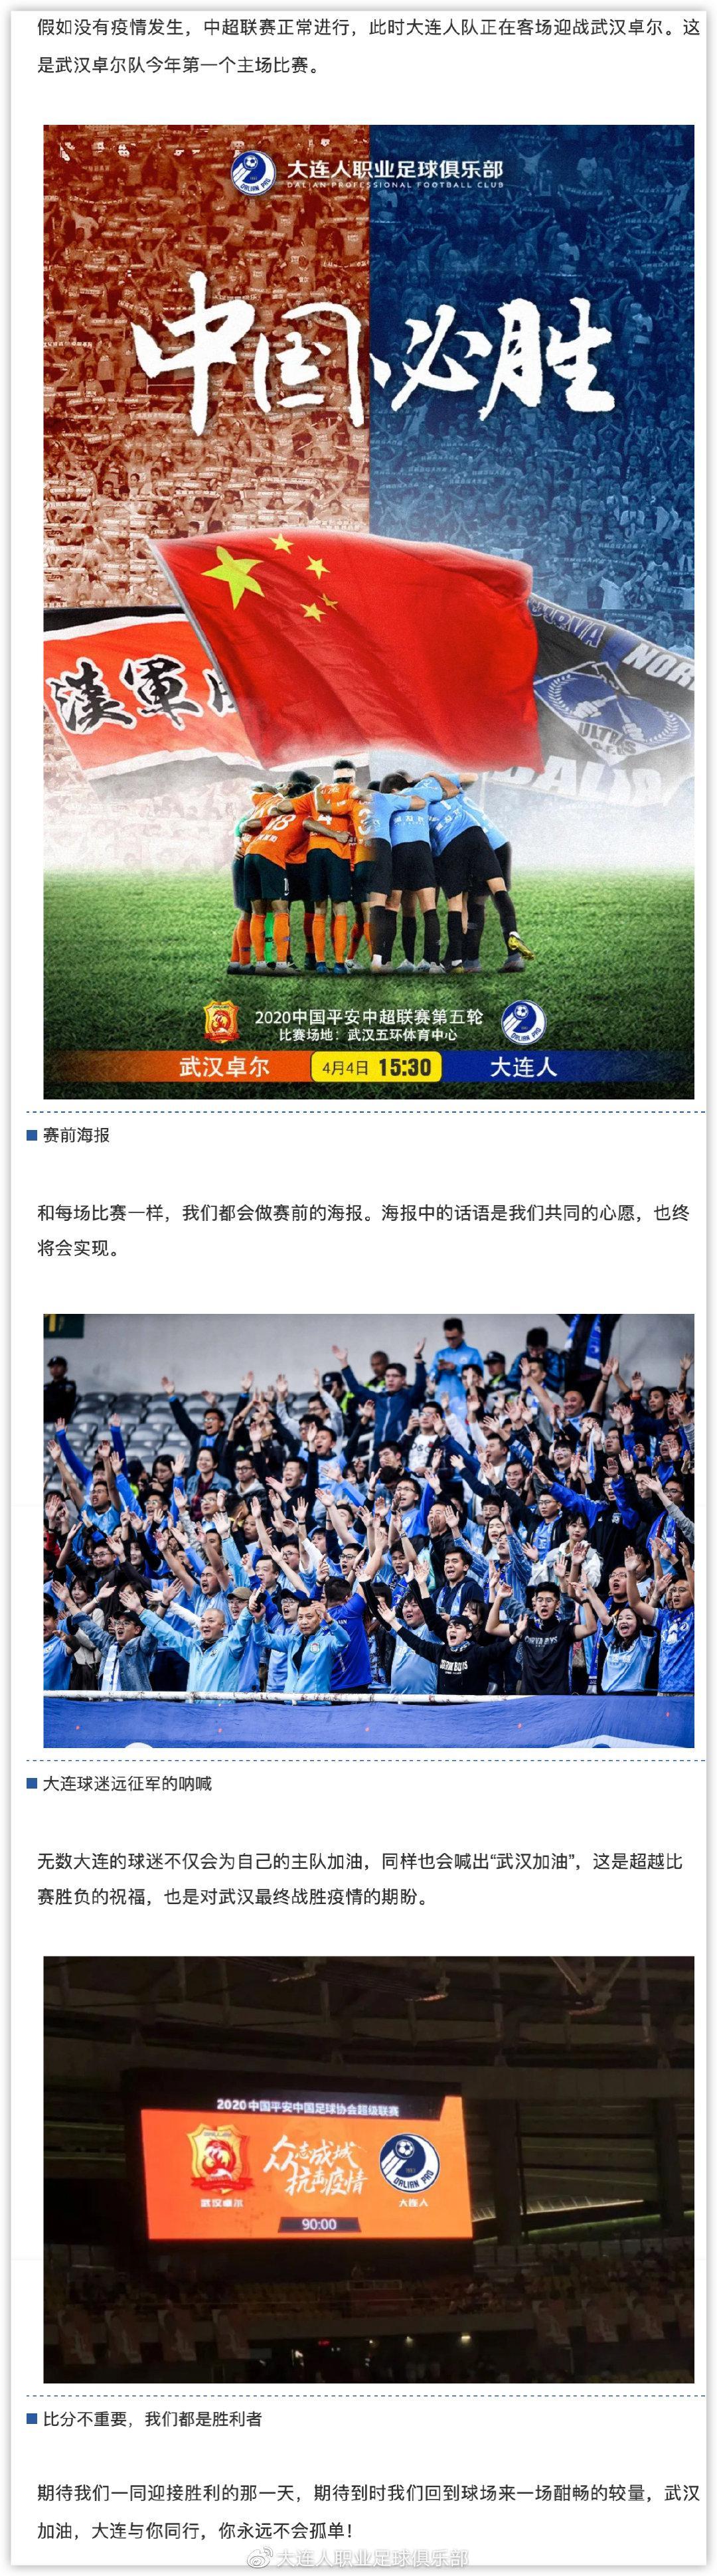 大连人发布对阵卓尔虚拟海报:武汉加油 中国必胜